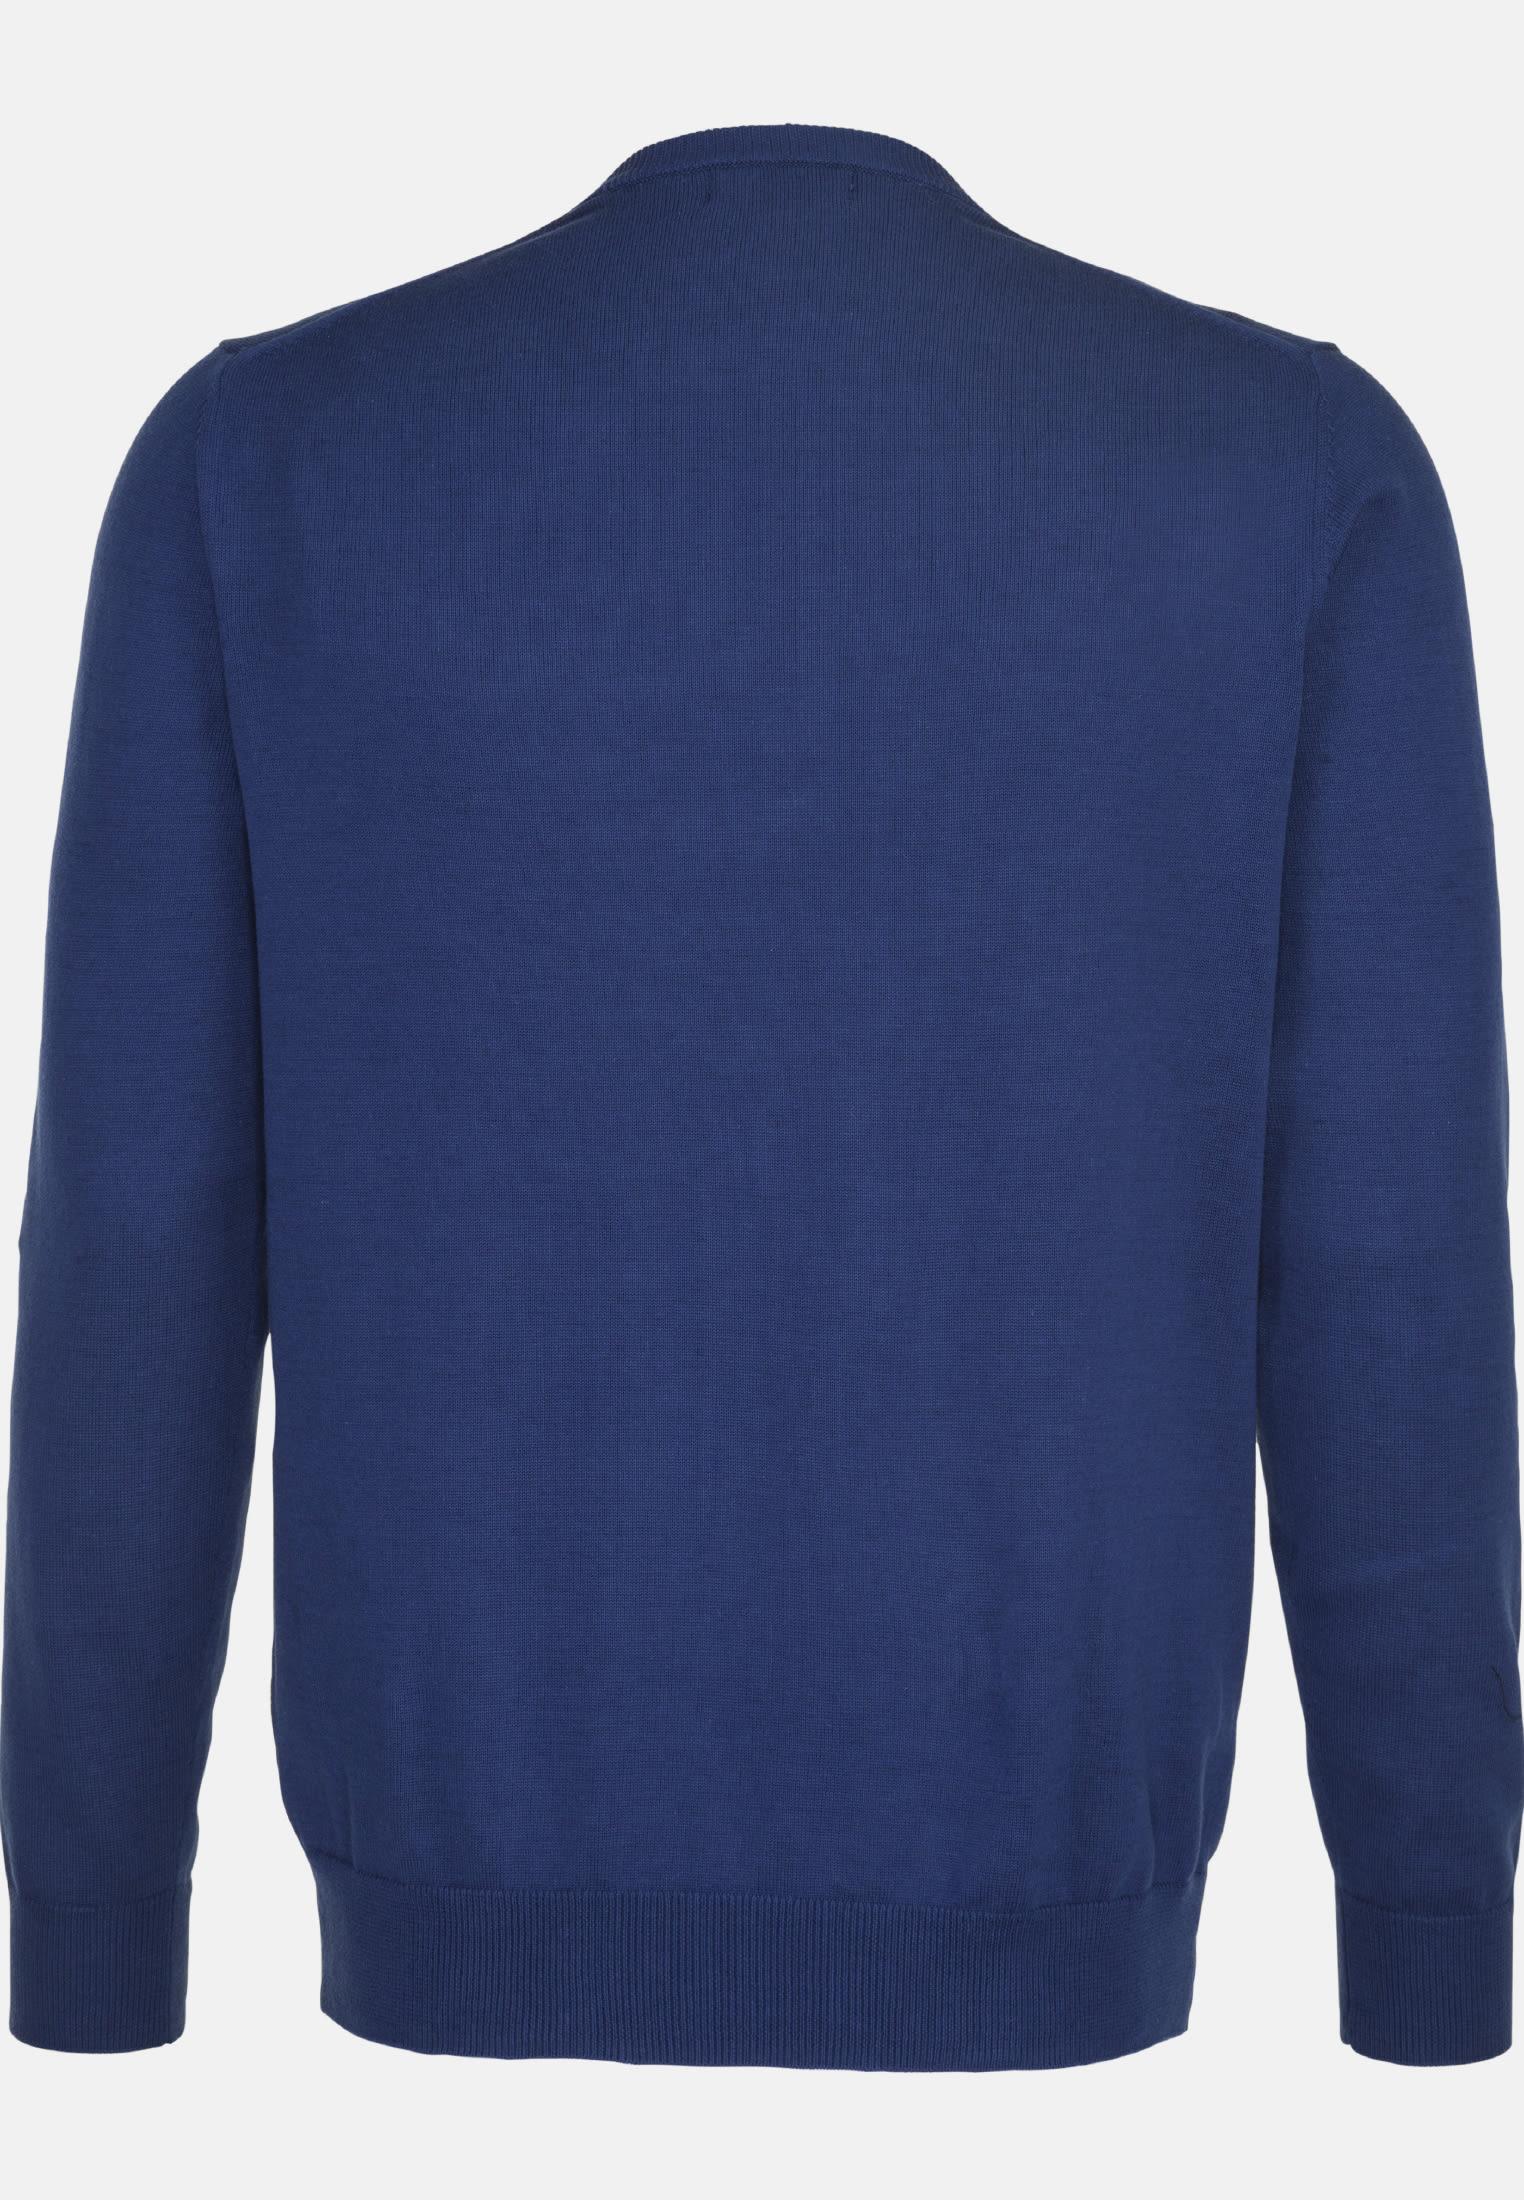 Rundhals Pullover aus 100% Baumwolle in Mittelblau |  Seidensticker Onlineshop